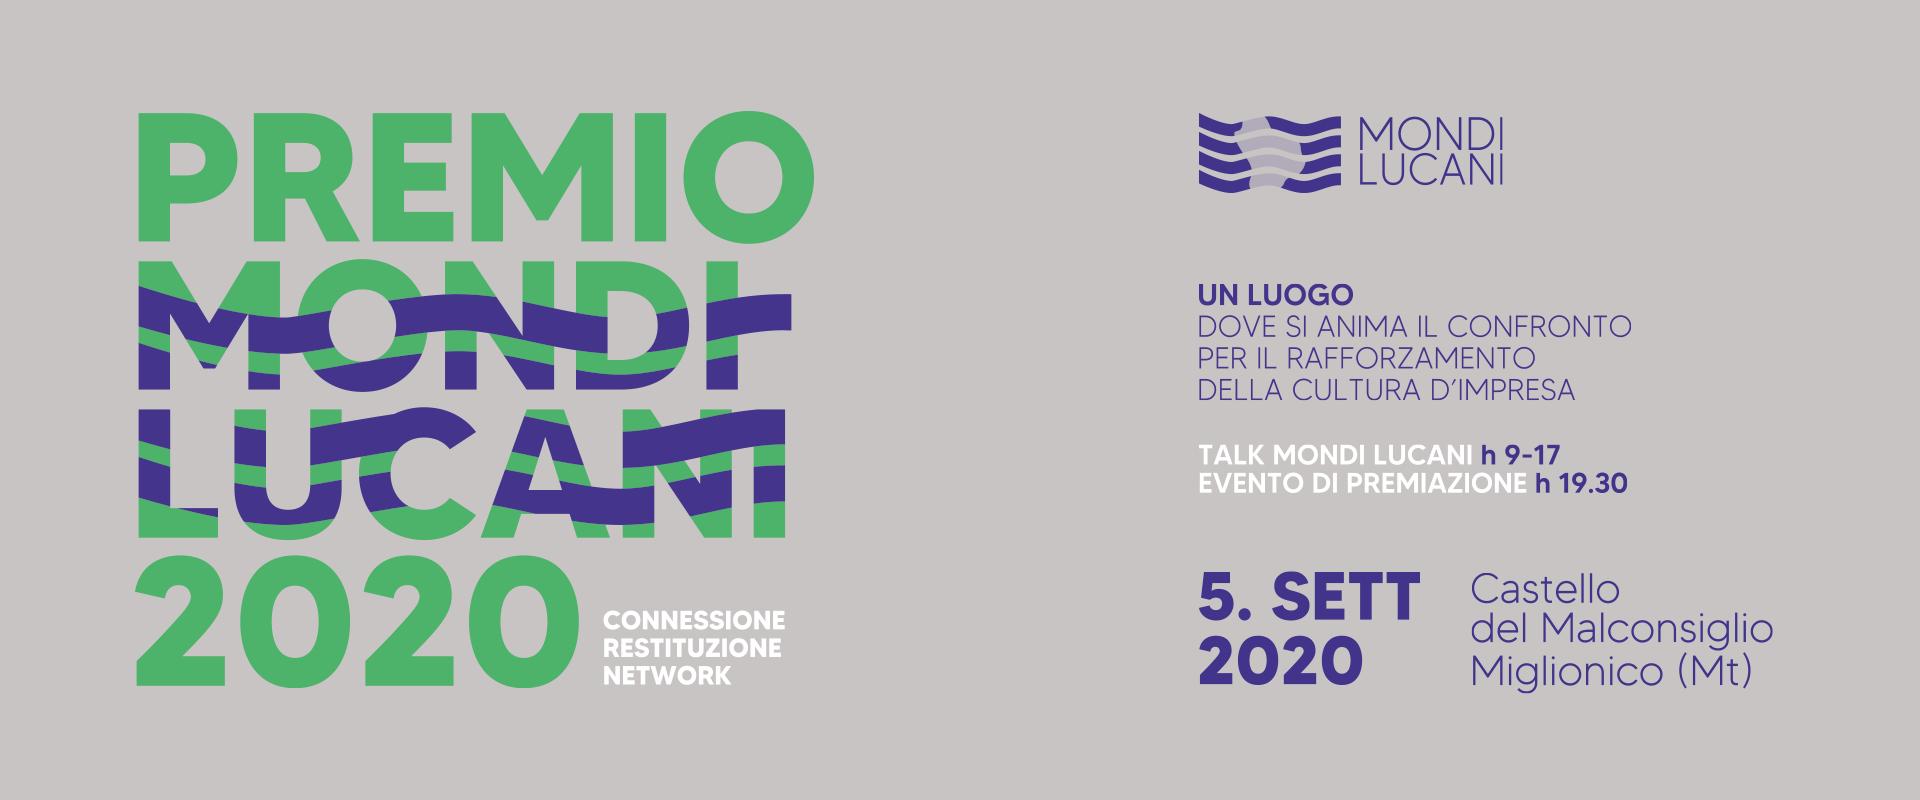 banner premio mondi lucani 2020